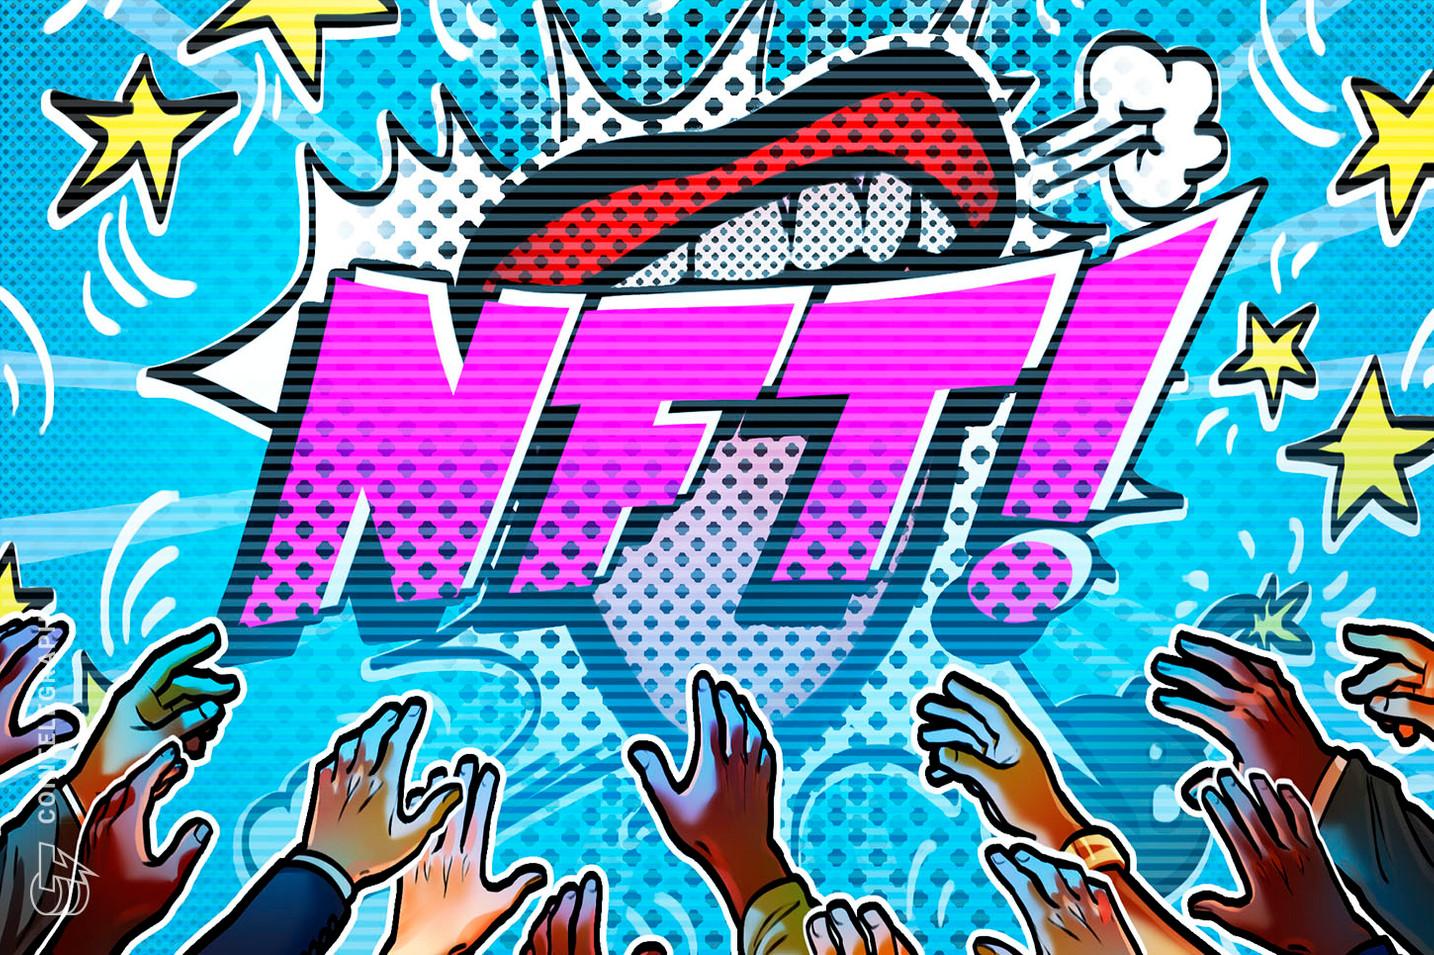 Más allá del hype: el valor real de los NFT aún está por ser determinado